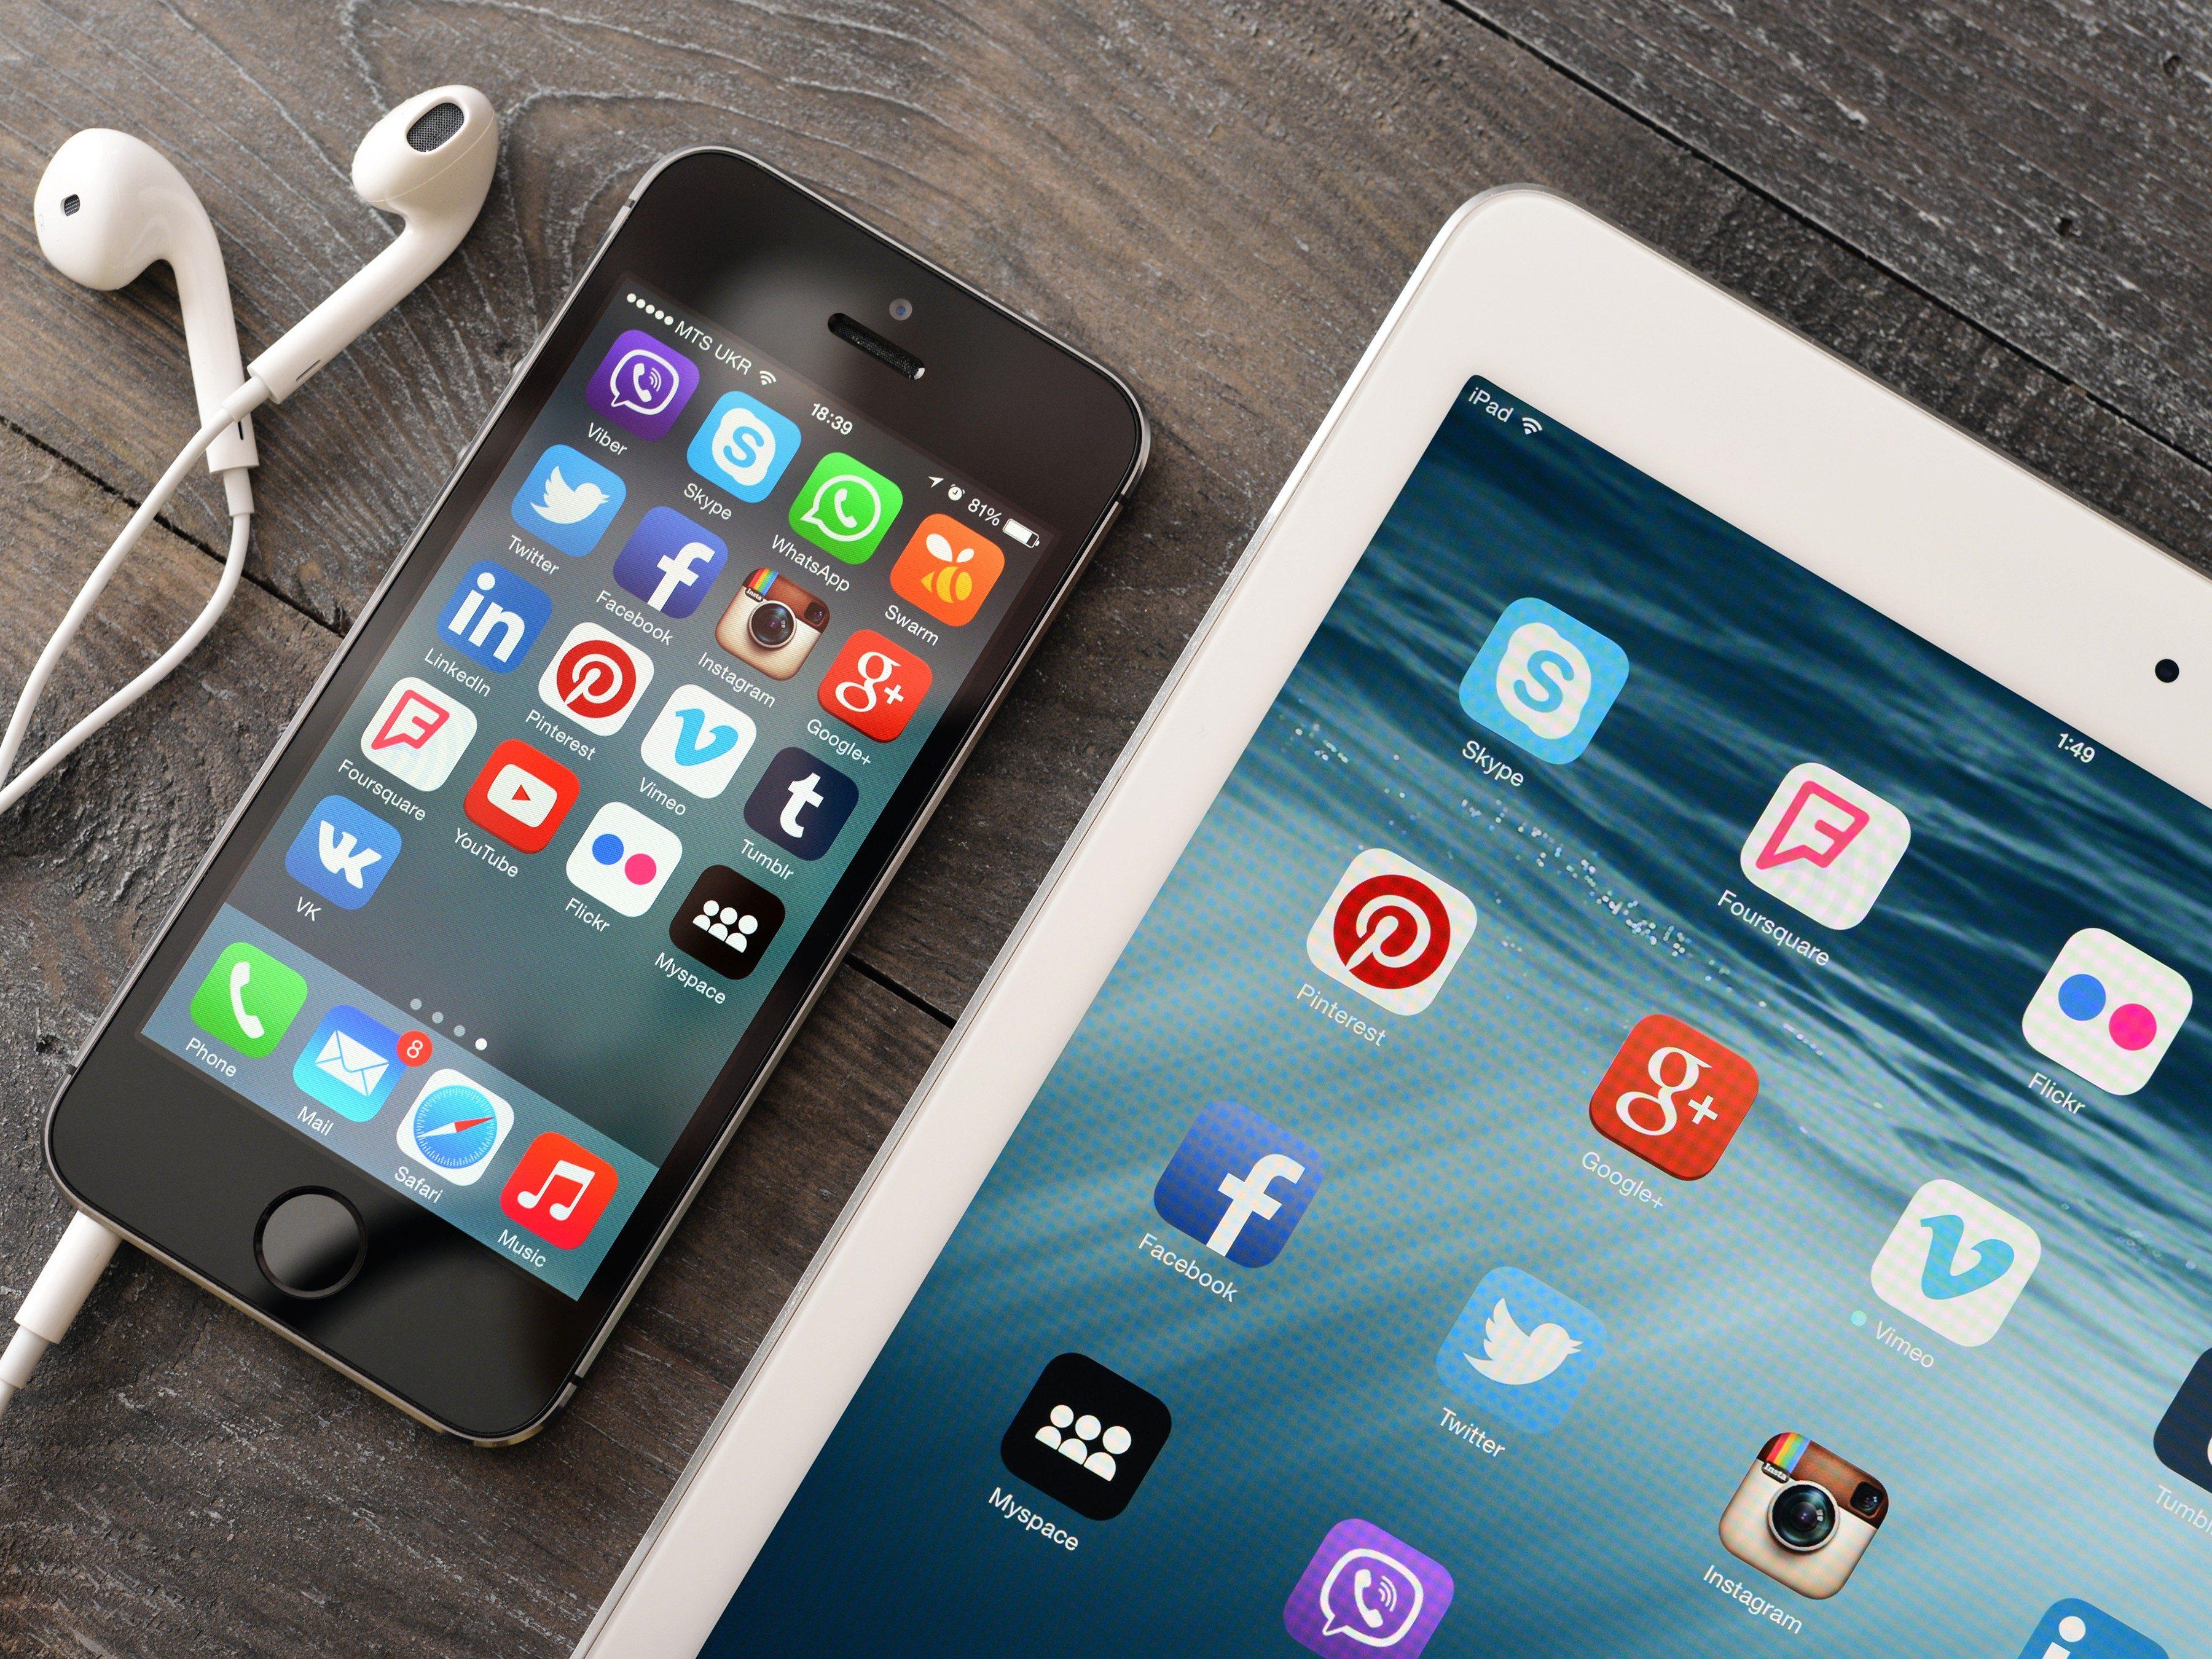 3. Limit Social Media Use